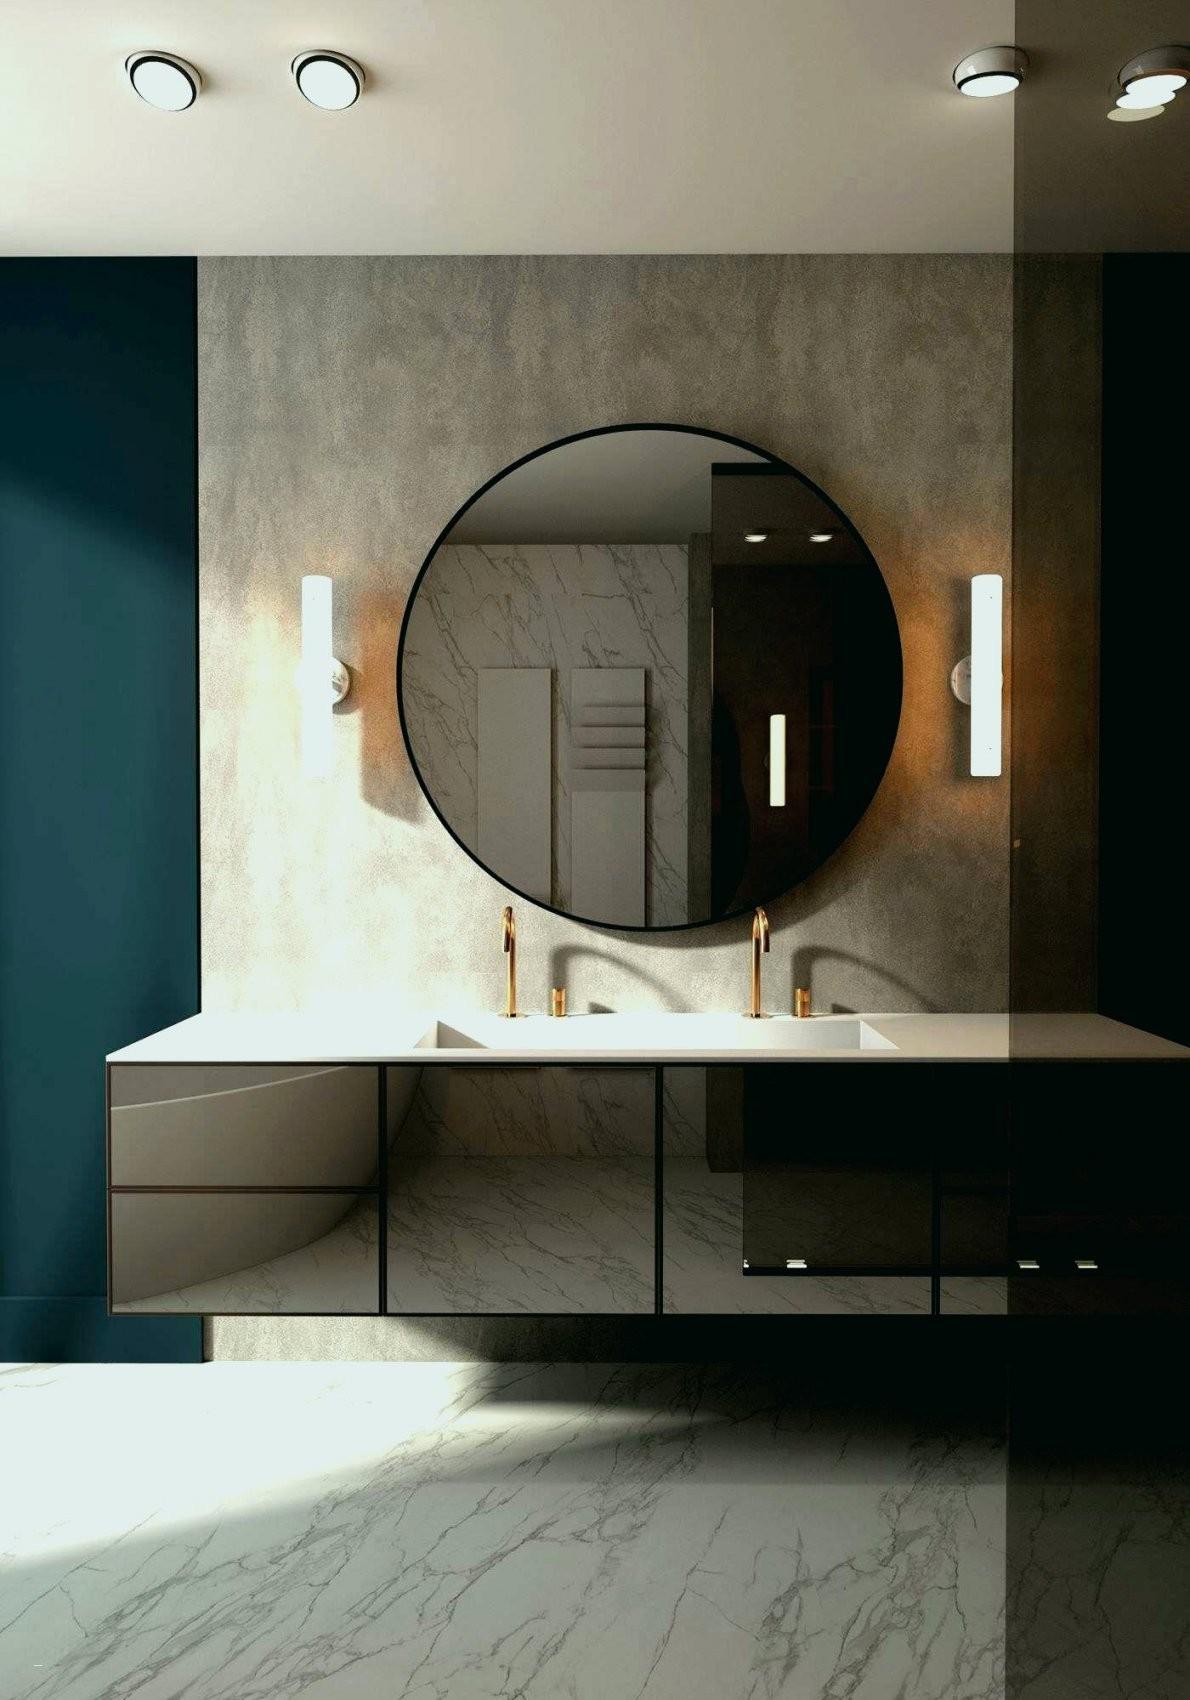 Badezimmer Dekorieren Ideen Und Design Bilder Elegant Design Deko von Badezimmer Dekorieren Ideen Und Design Bilder Bild